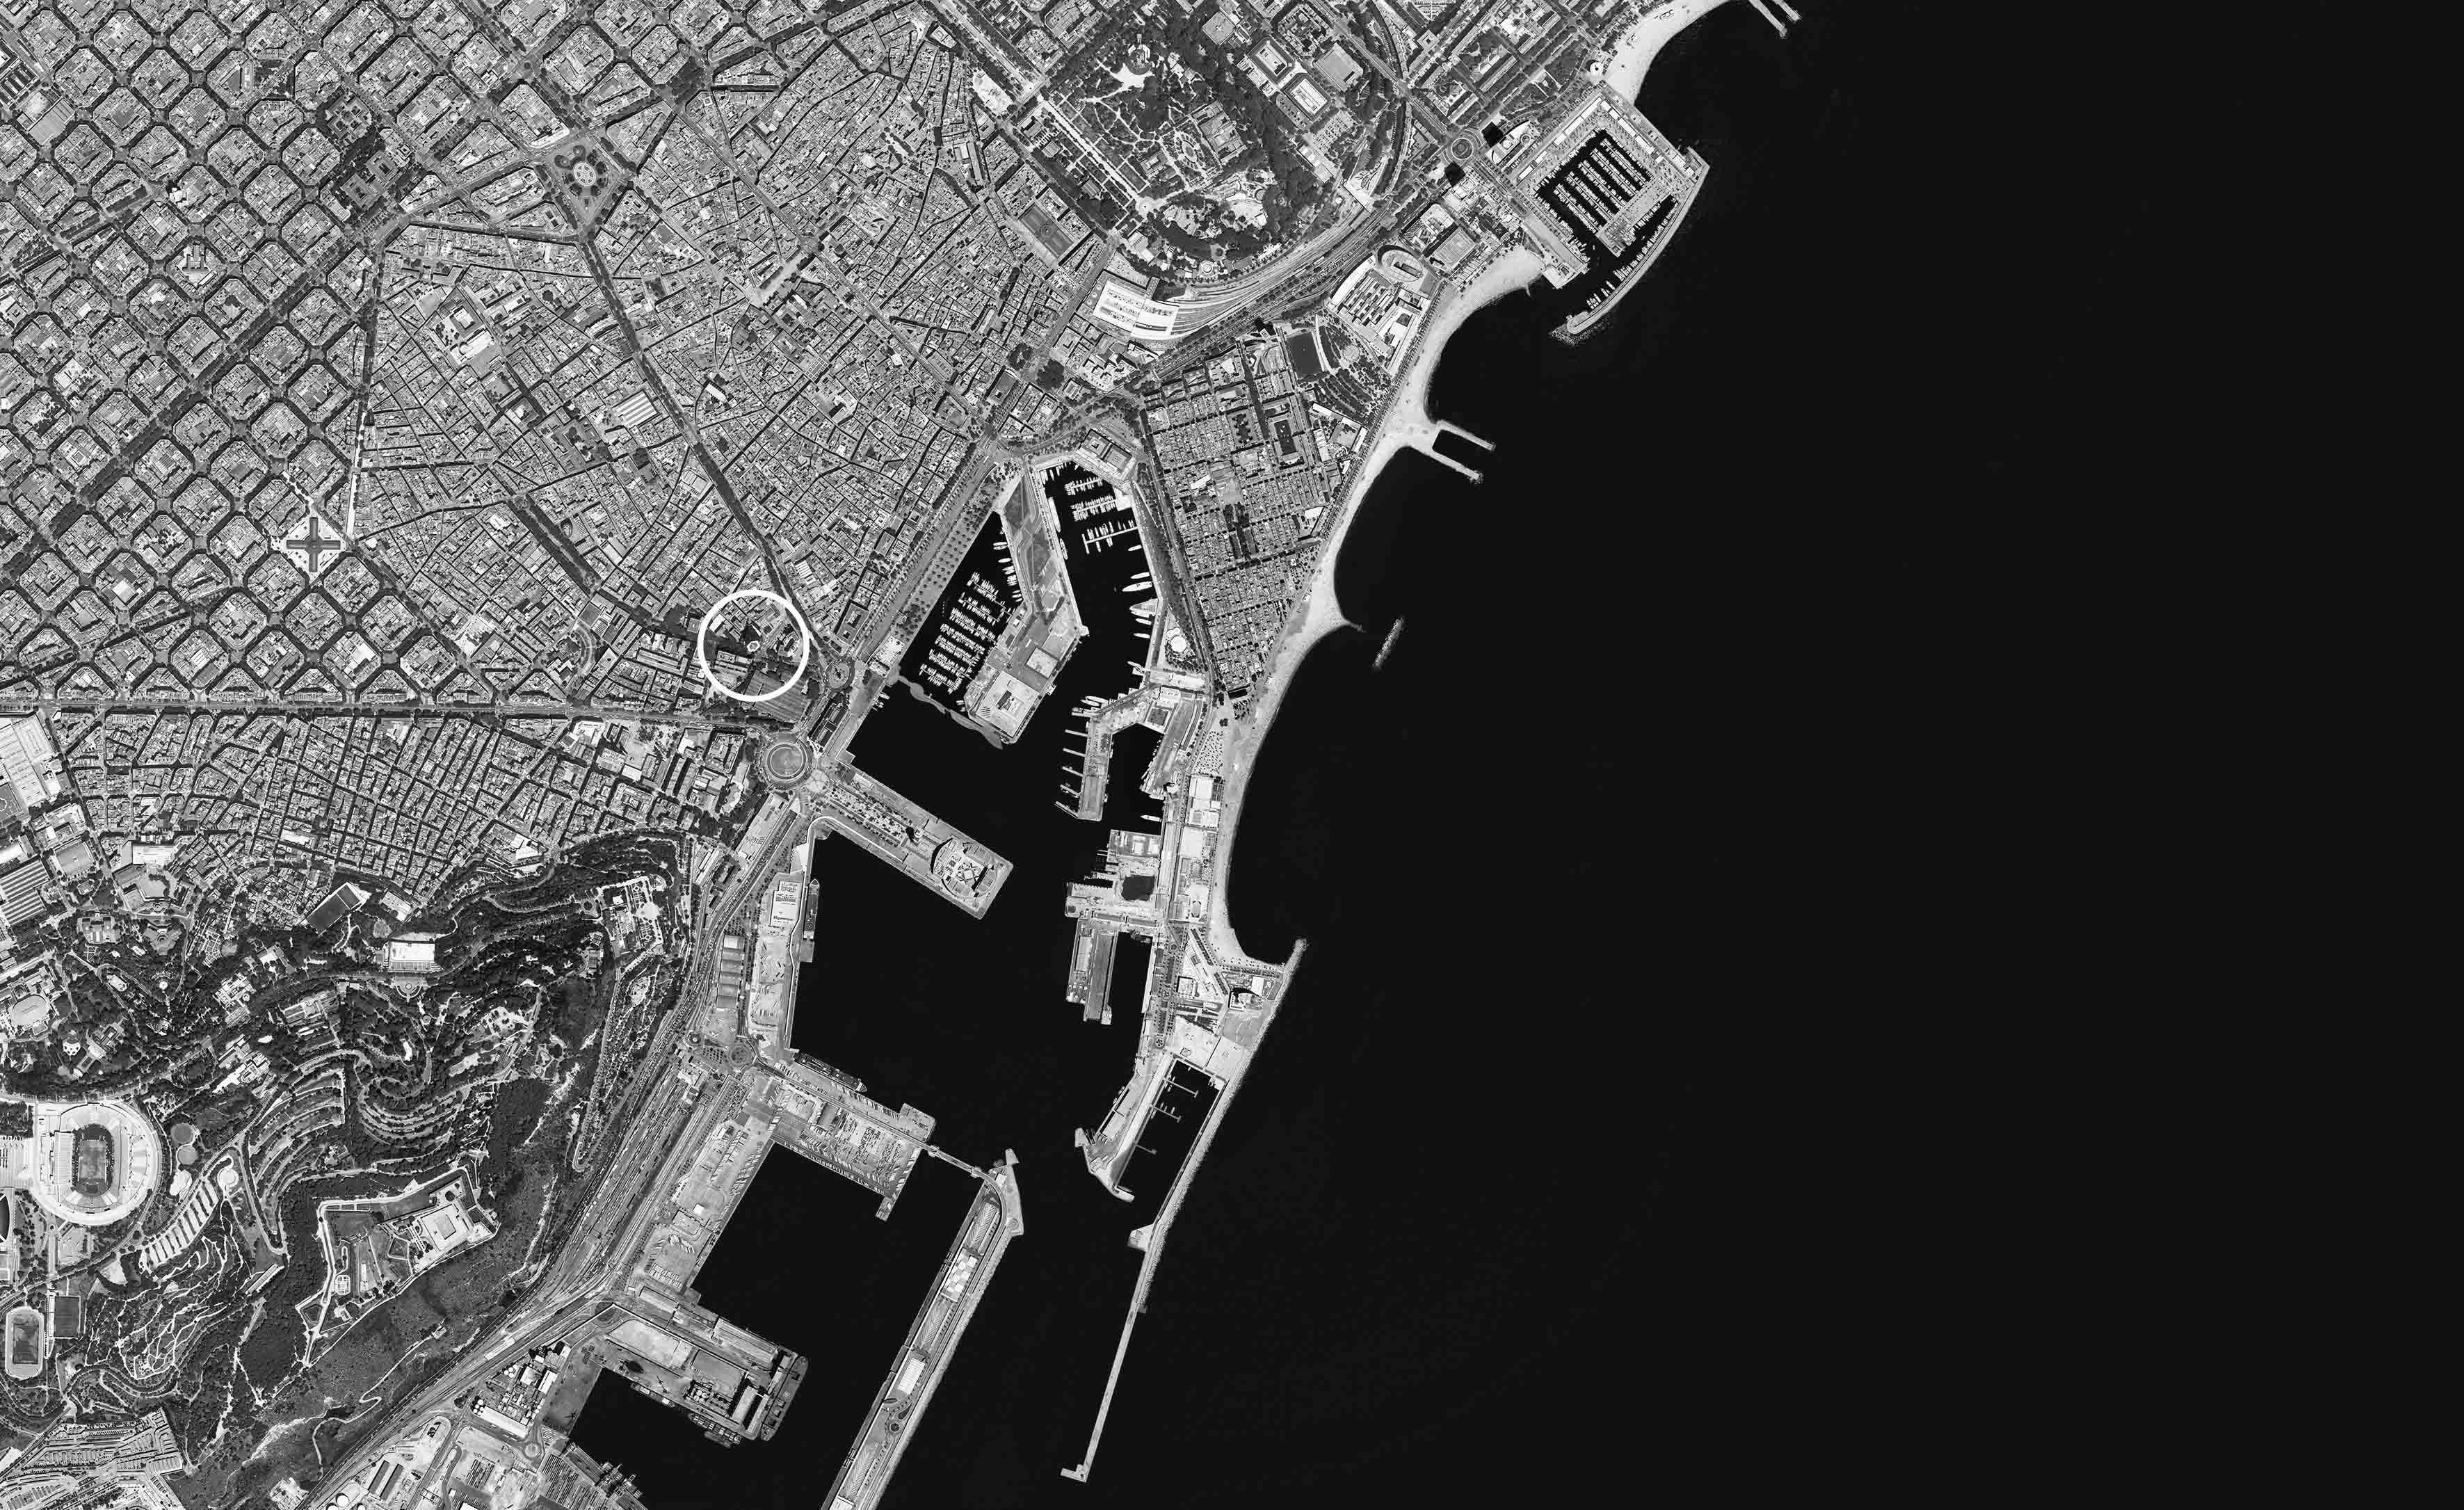 Finalización de las obras del nuevo espacio de oficinas en Torre Colón de Barcelona.